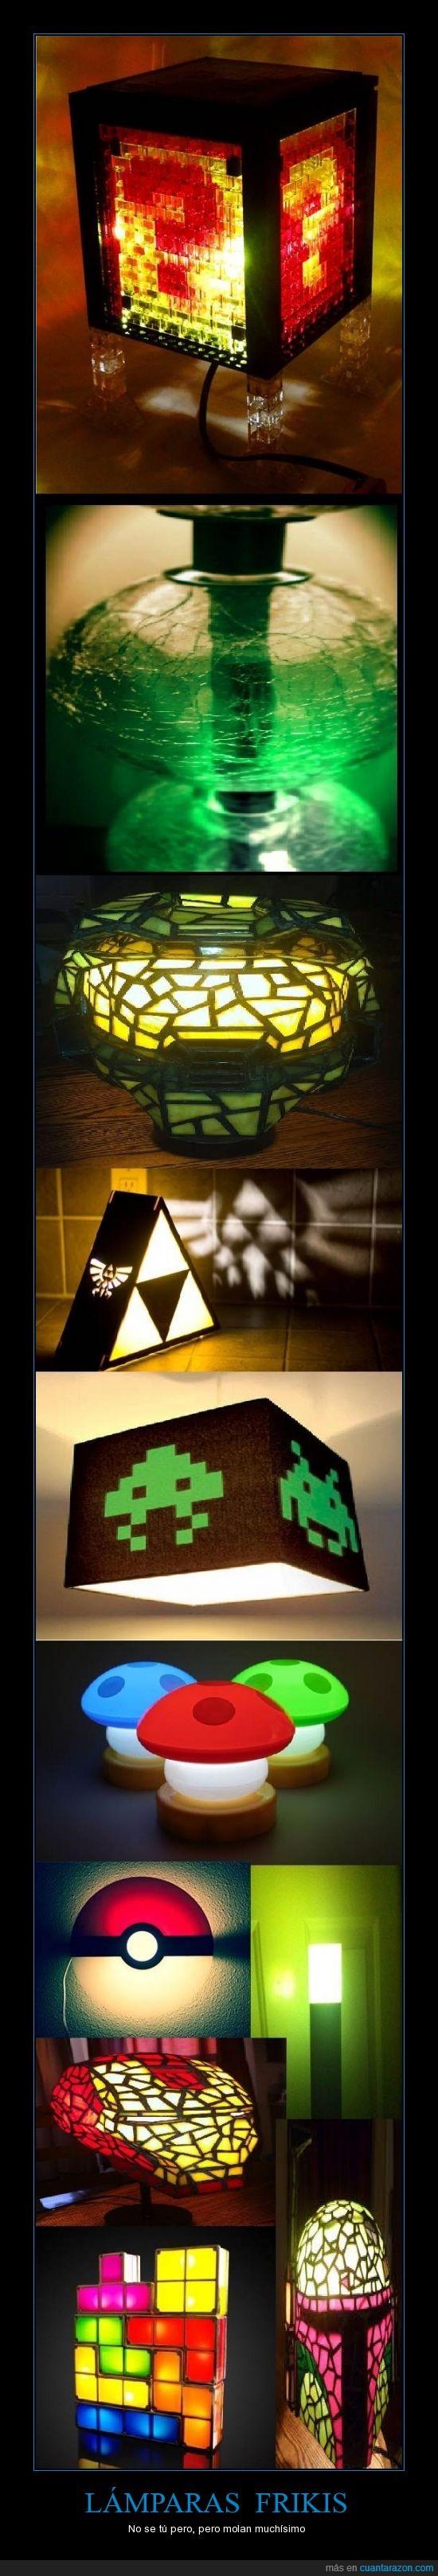 frikis,increible,juegos,lamparas,luces,Mario,mi etiqueta es una basura,molan,Star,Tetris,videojuegos,zelda triforce